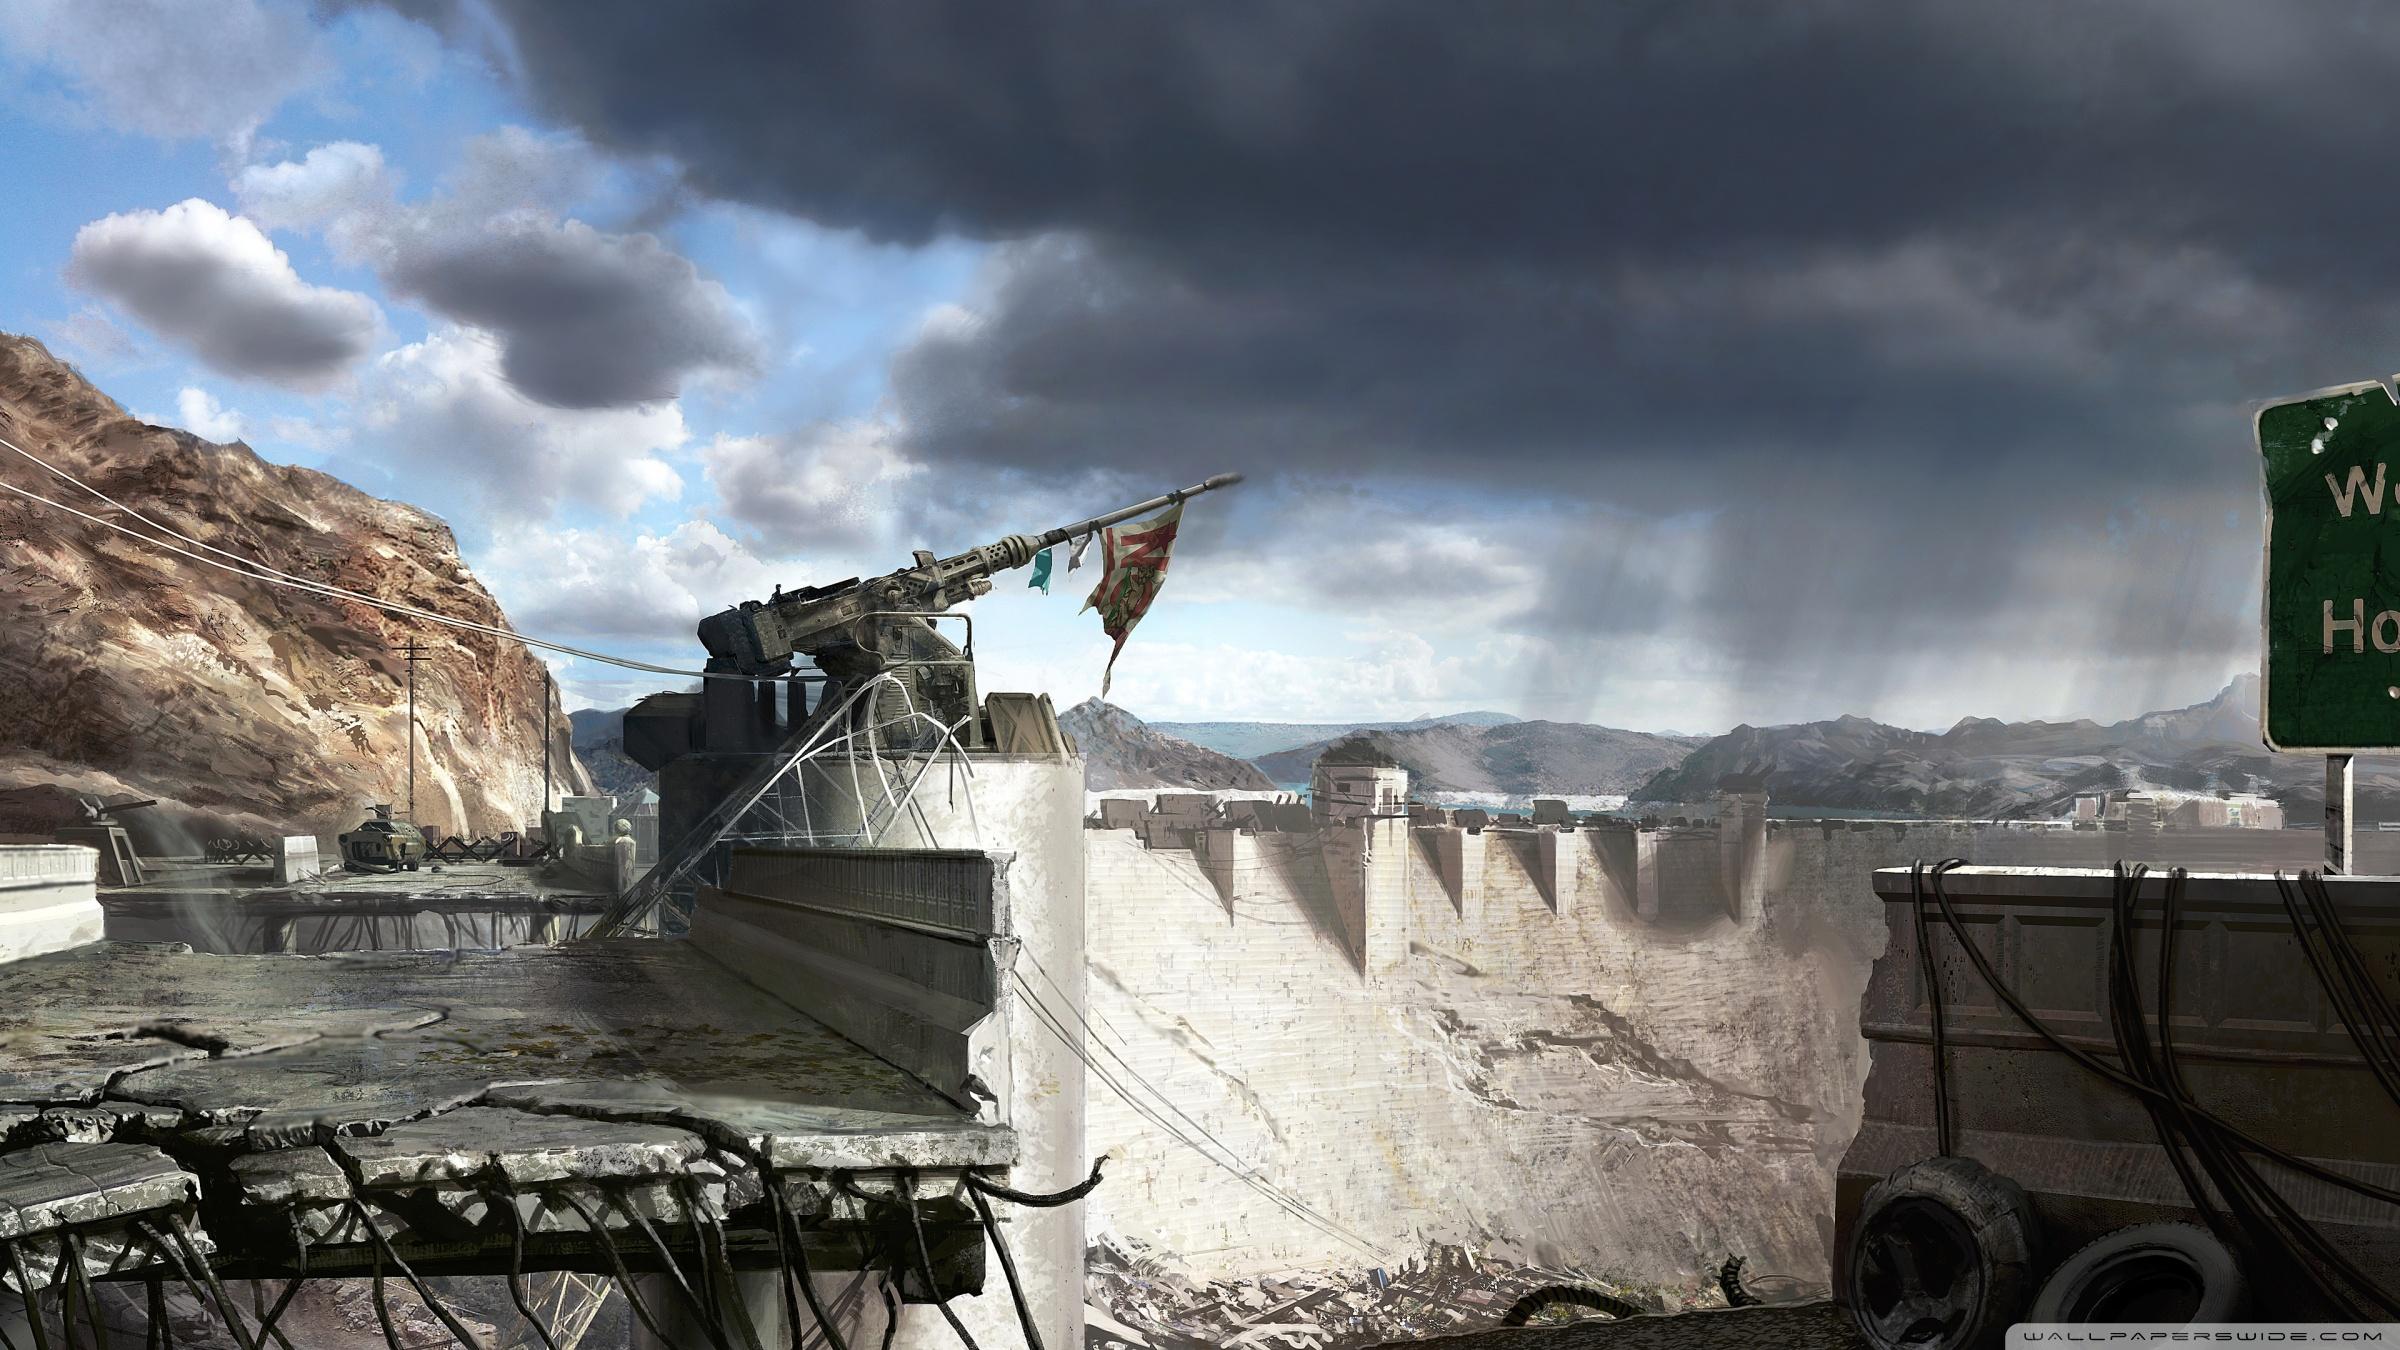 Fallout New Vegas Hoover Dam Concept Art 4K HD Desktop 2400x1350